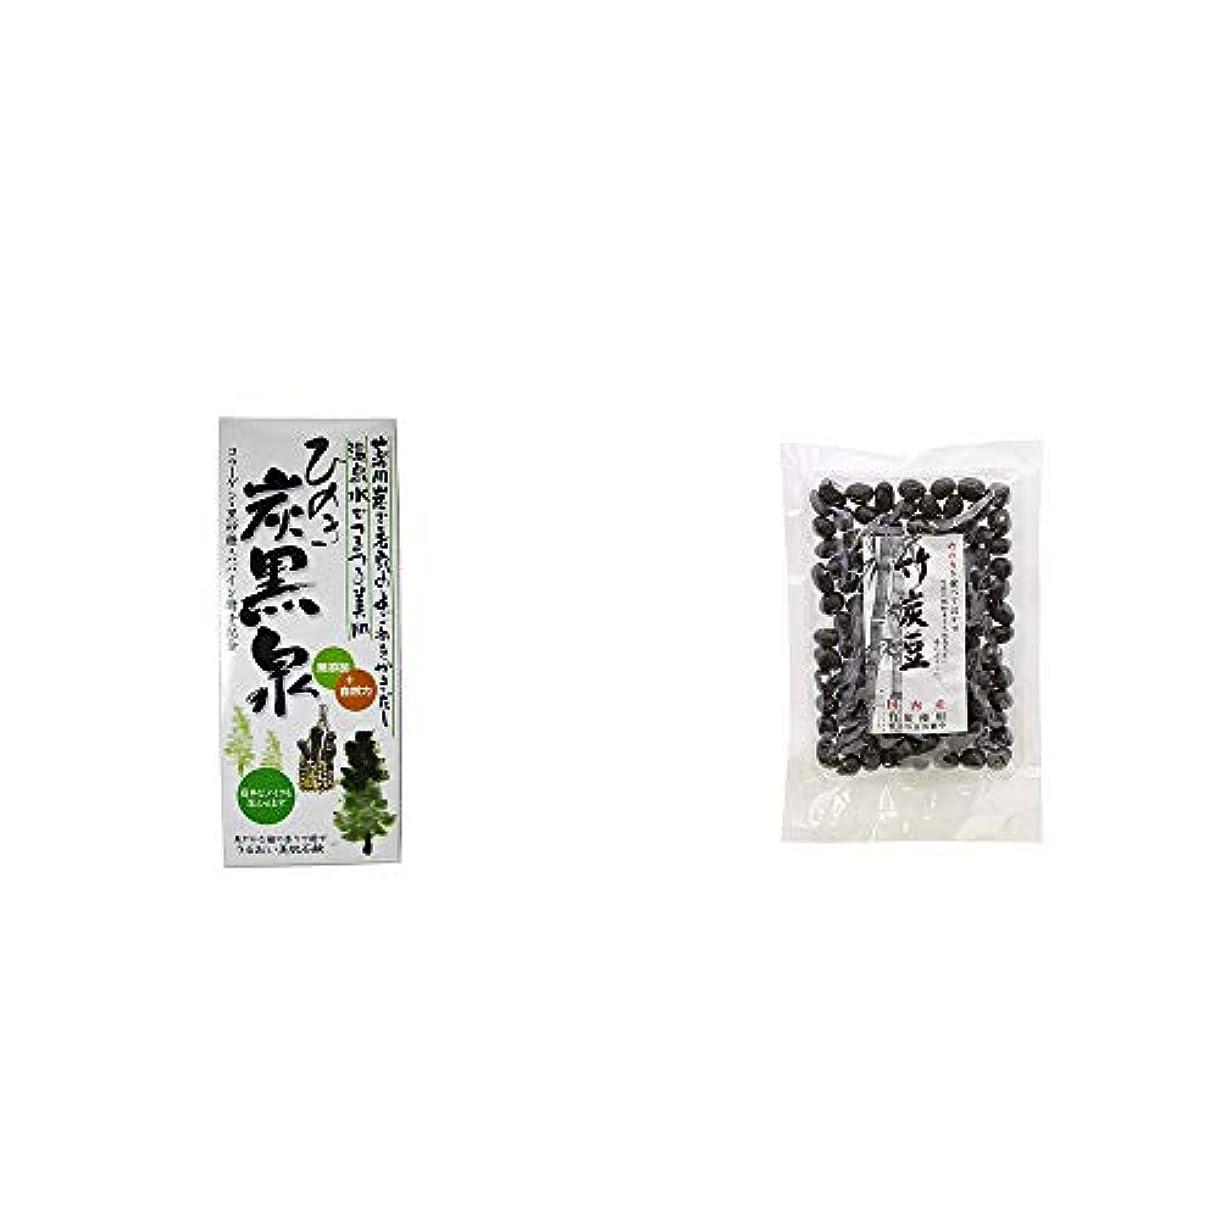 ルーキーブレース自発的[2点セット] ひのき炭黒泉 箱入り(75g×3)?国内産 竹炭使用 竹炭豆(160g)